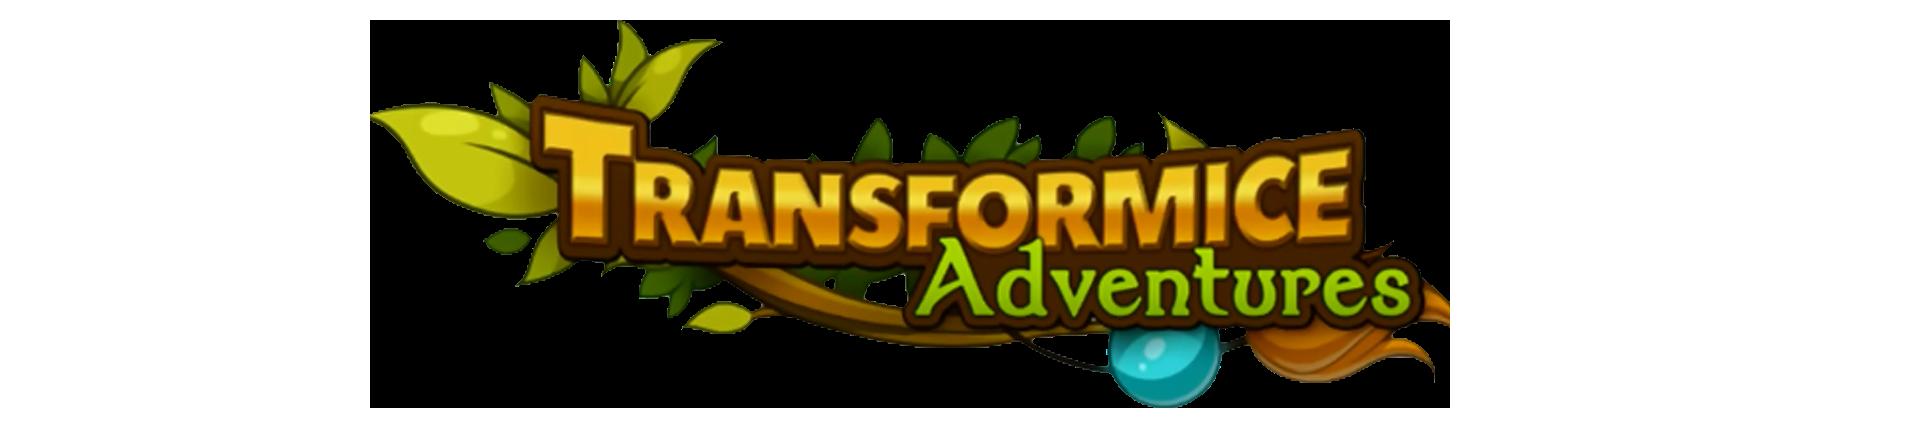 https://cdn.discordapp.com/attachments/534057349057478687/536214203594178571/TRANSFORMICE_ADVENTURES.png